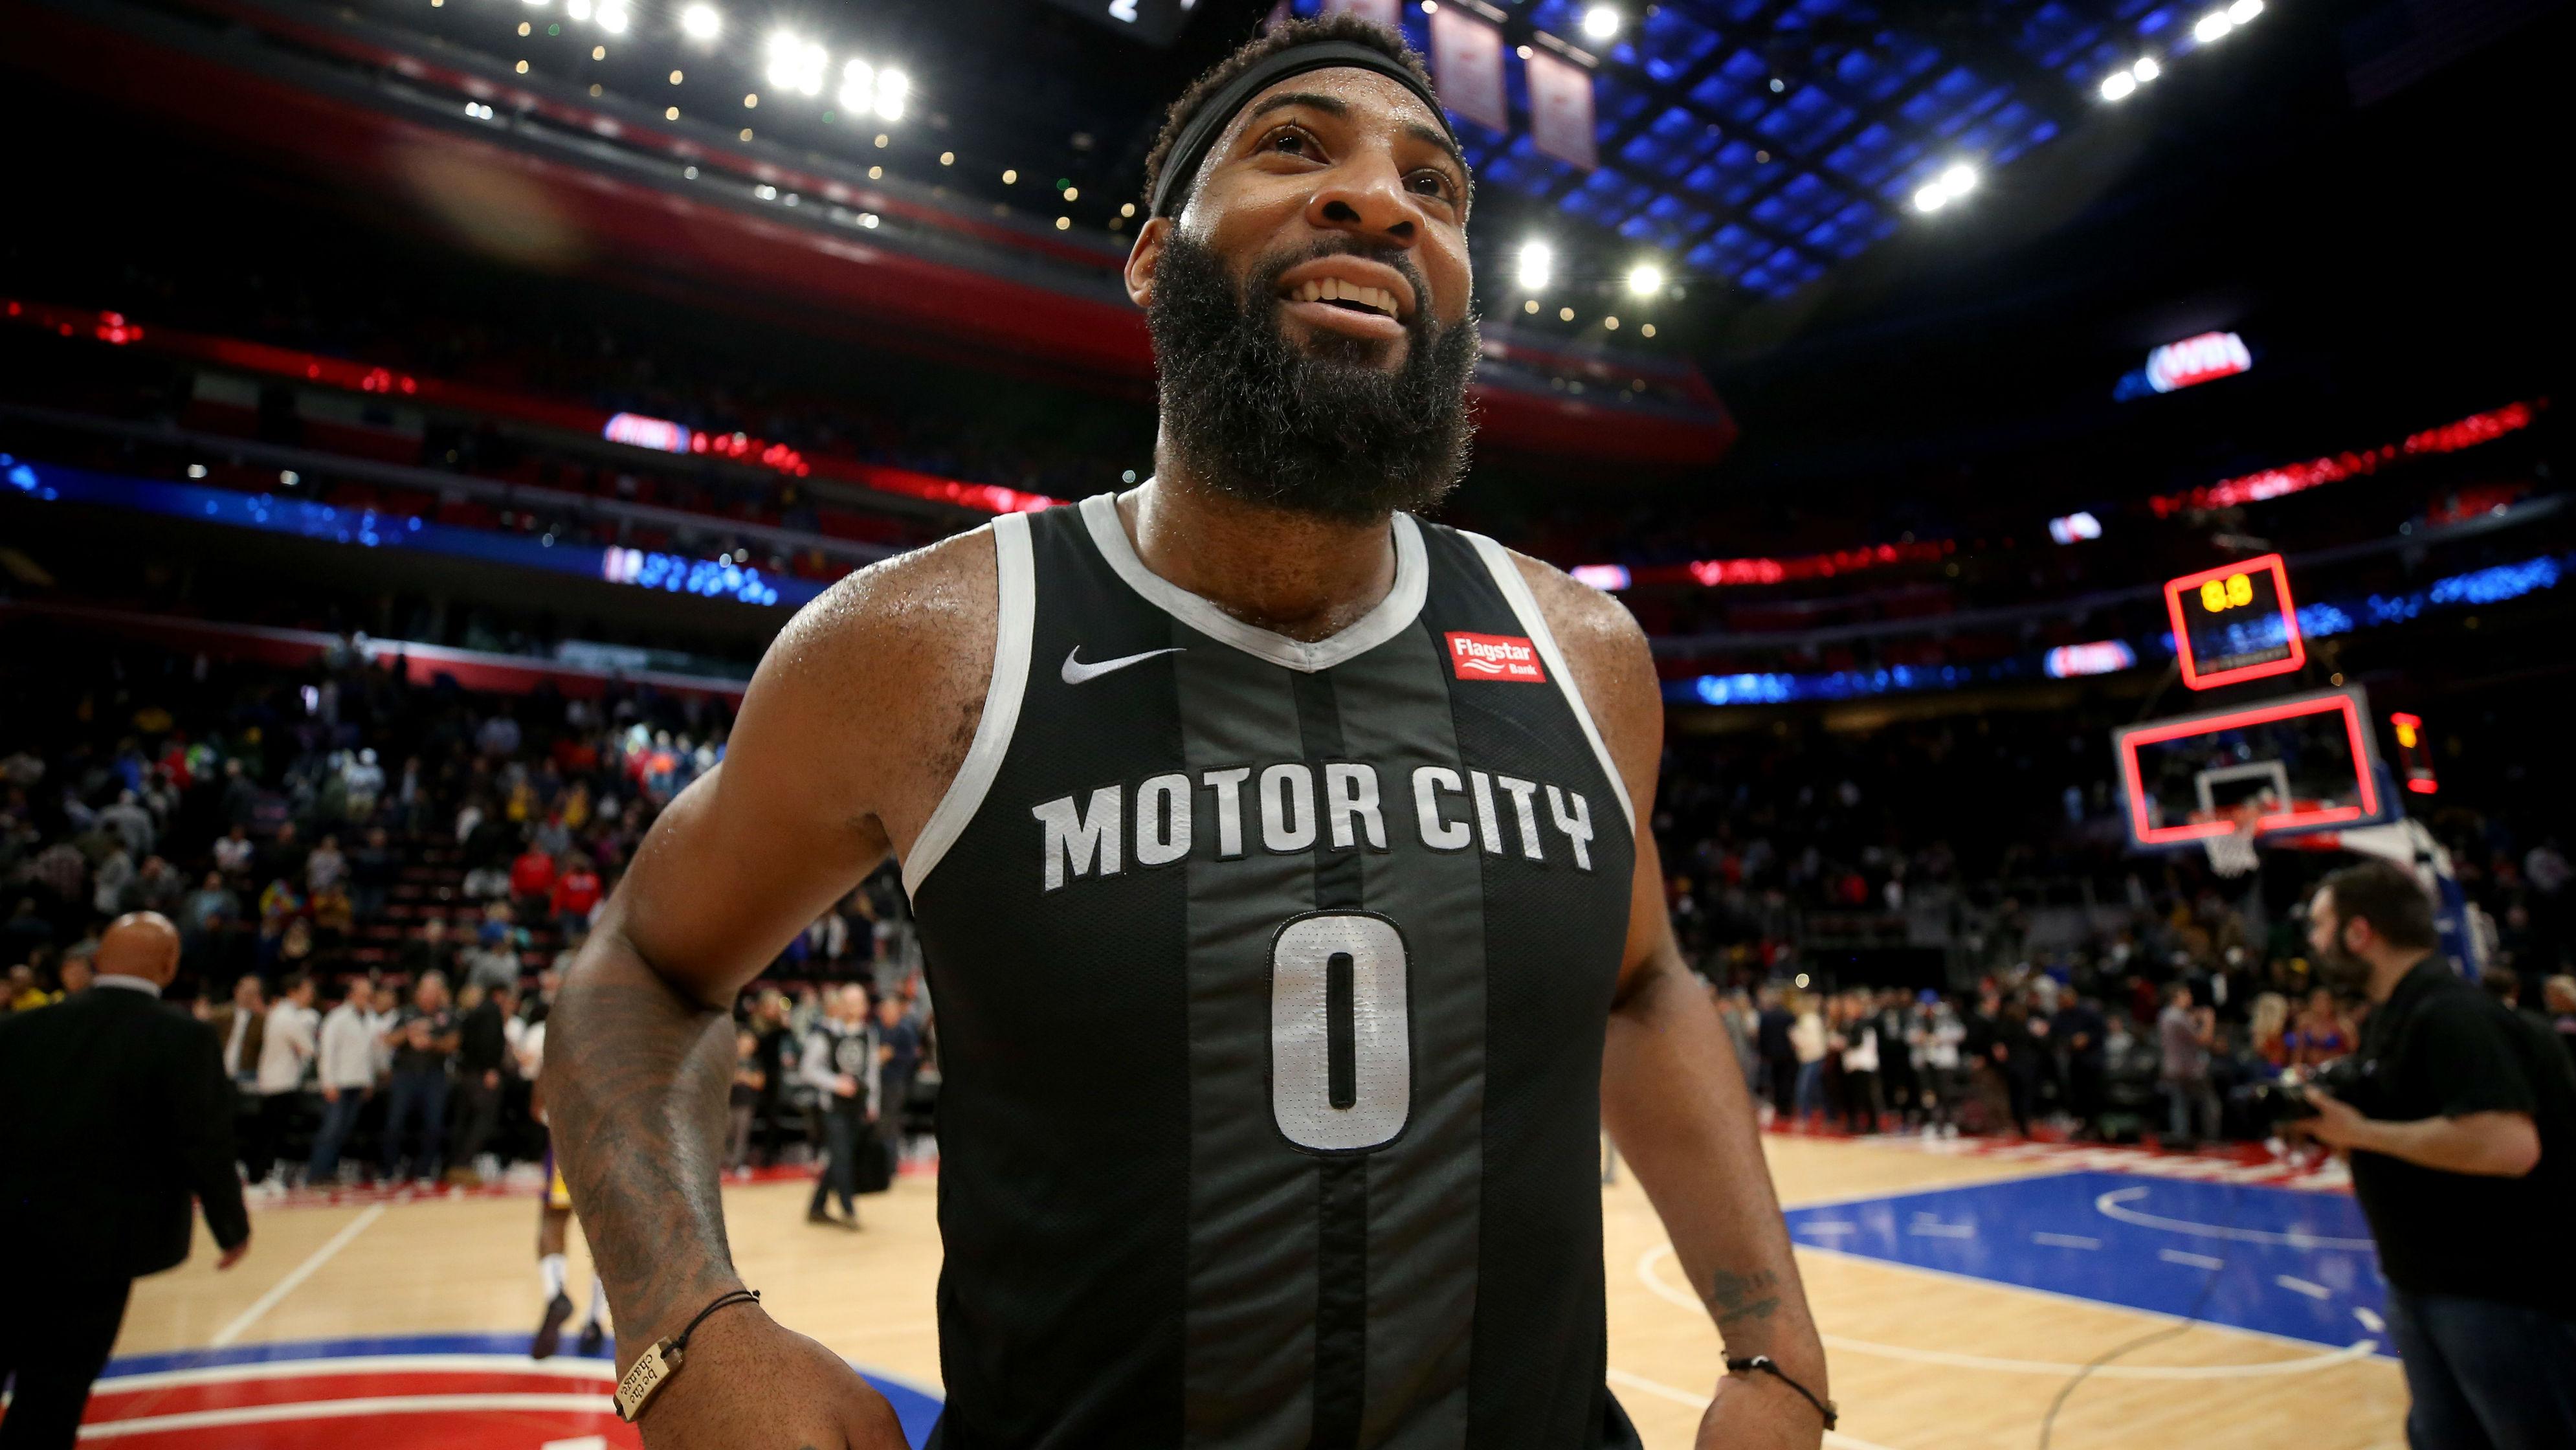 Pistons Vs Lakers: James Harden, Más Cerca De Kobe Bryant En Partidos De 40